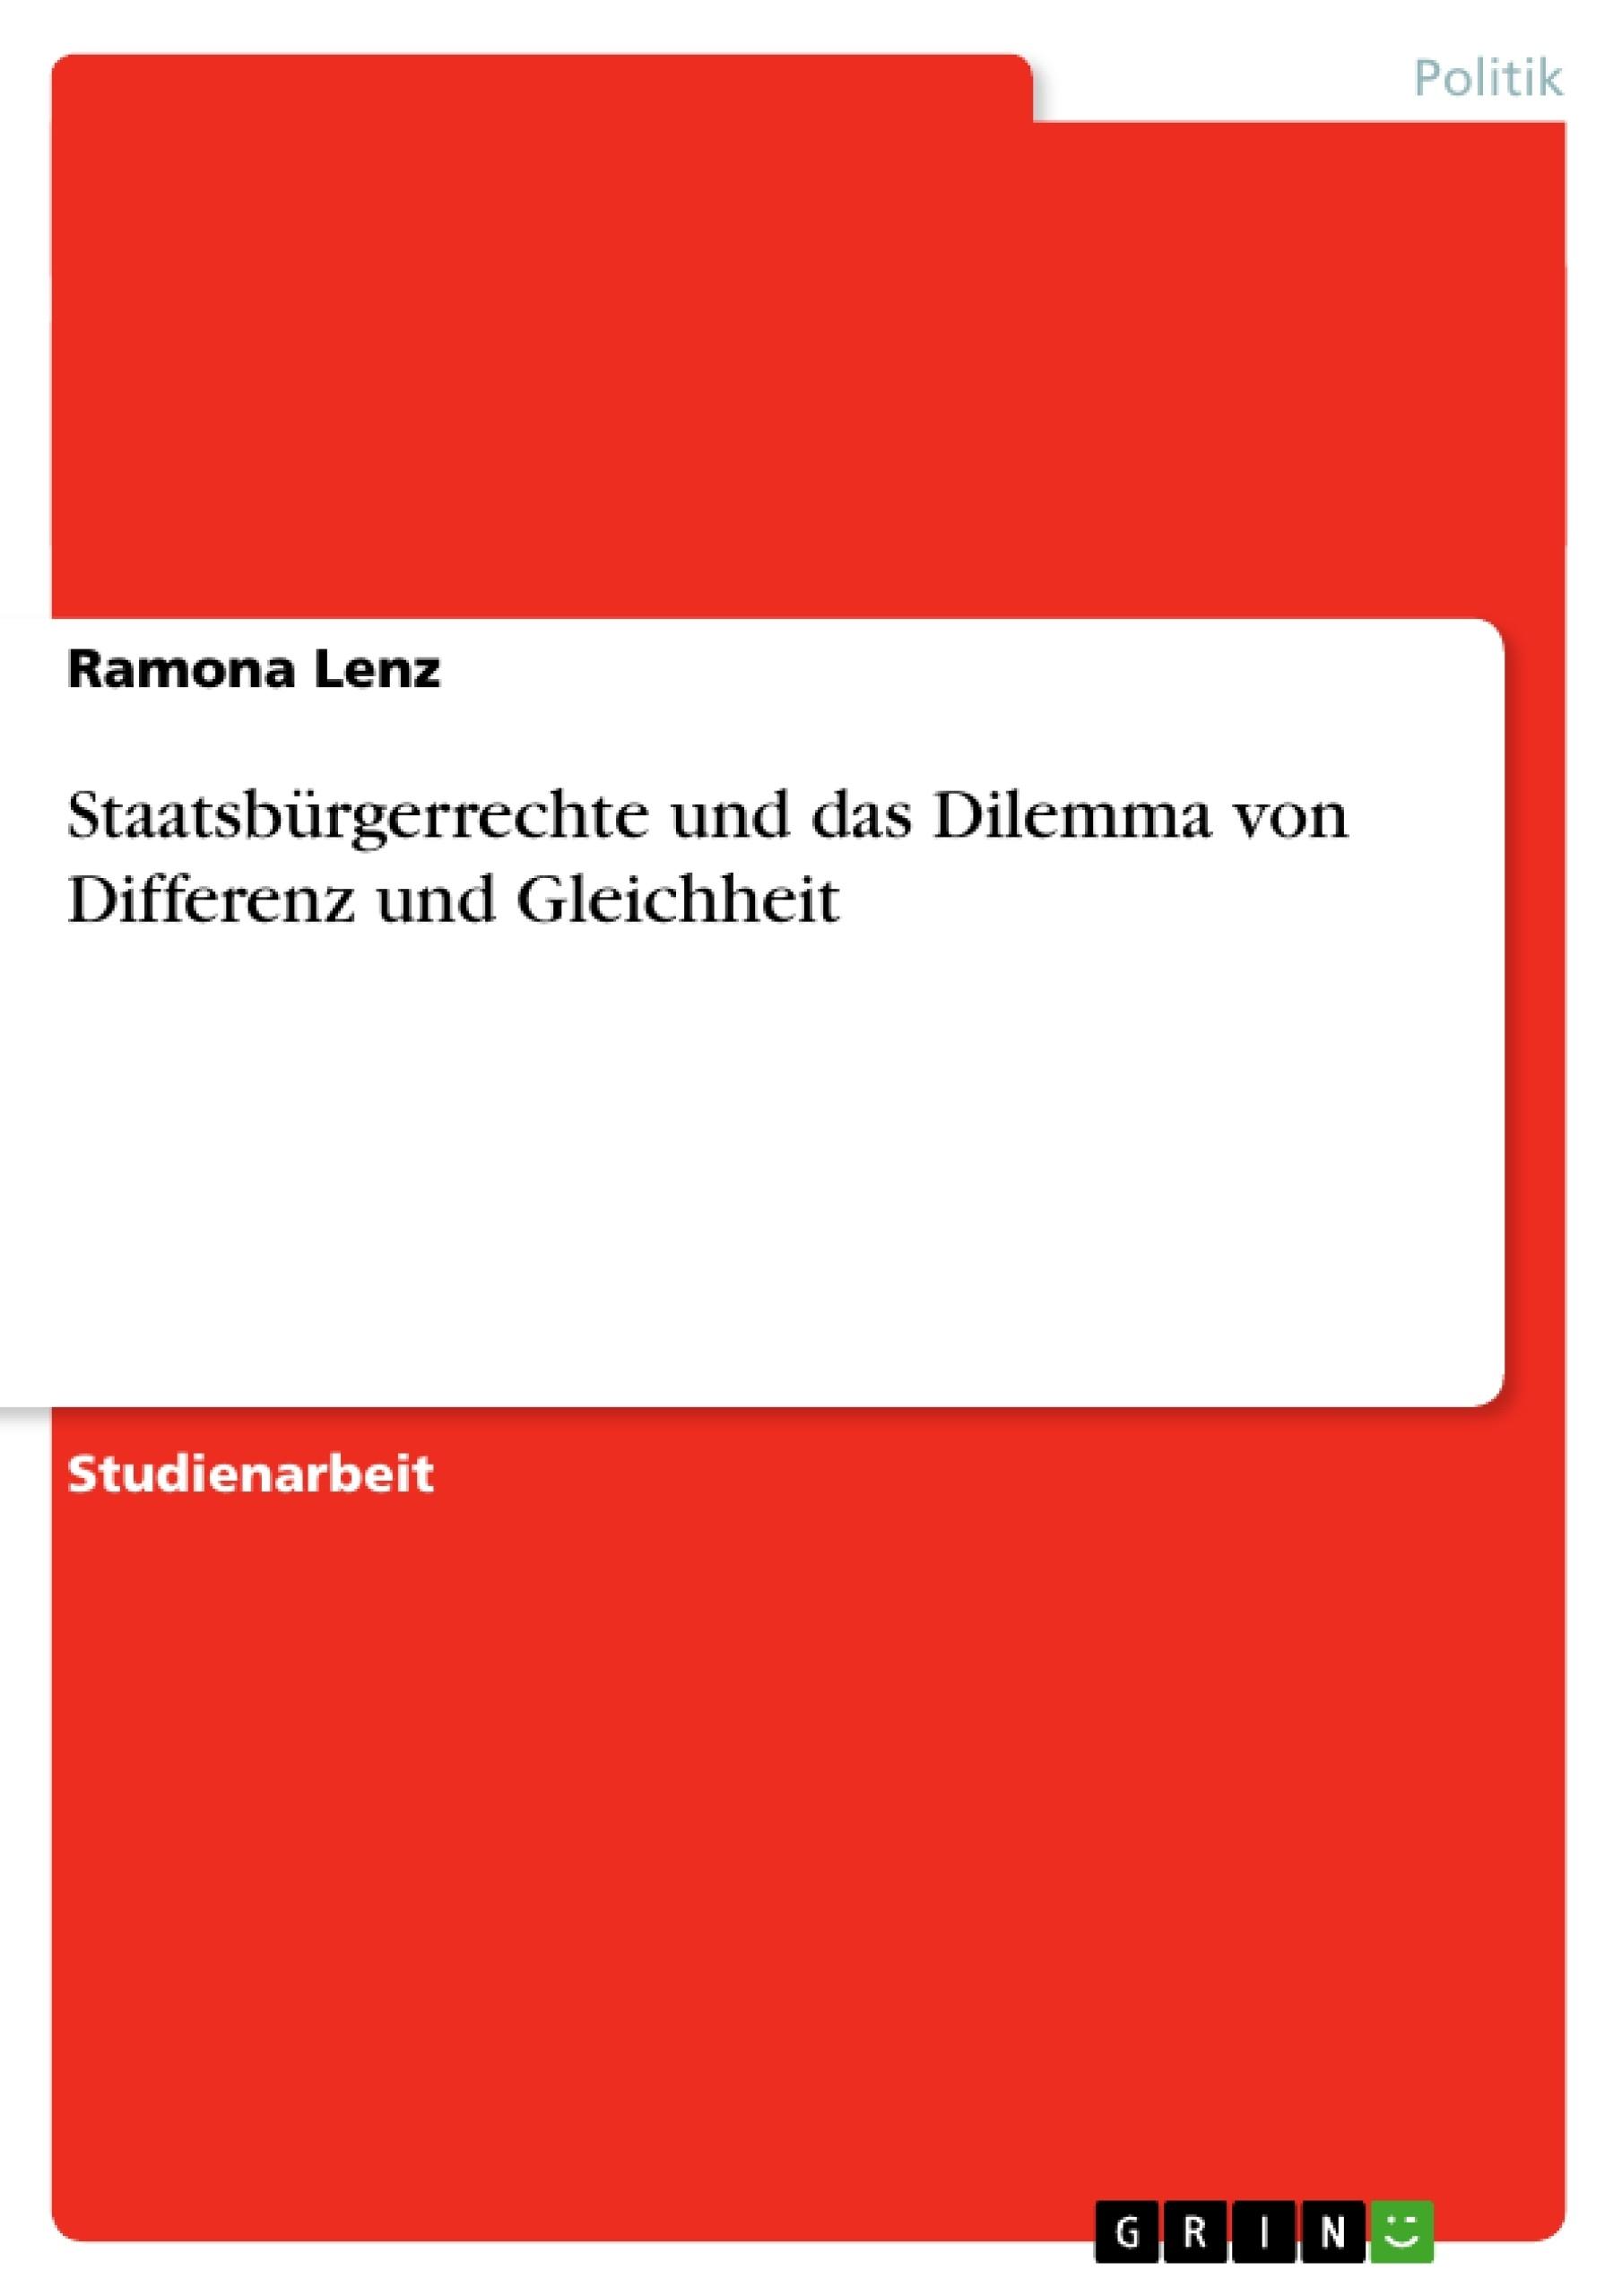 Titel: Staatsbürgerrechte und das Dilemma von Differenz und Gleichheit